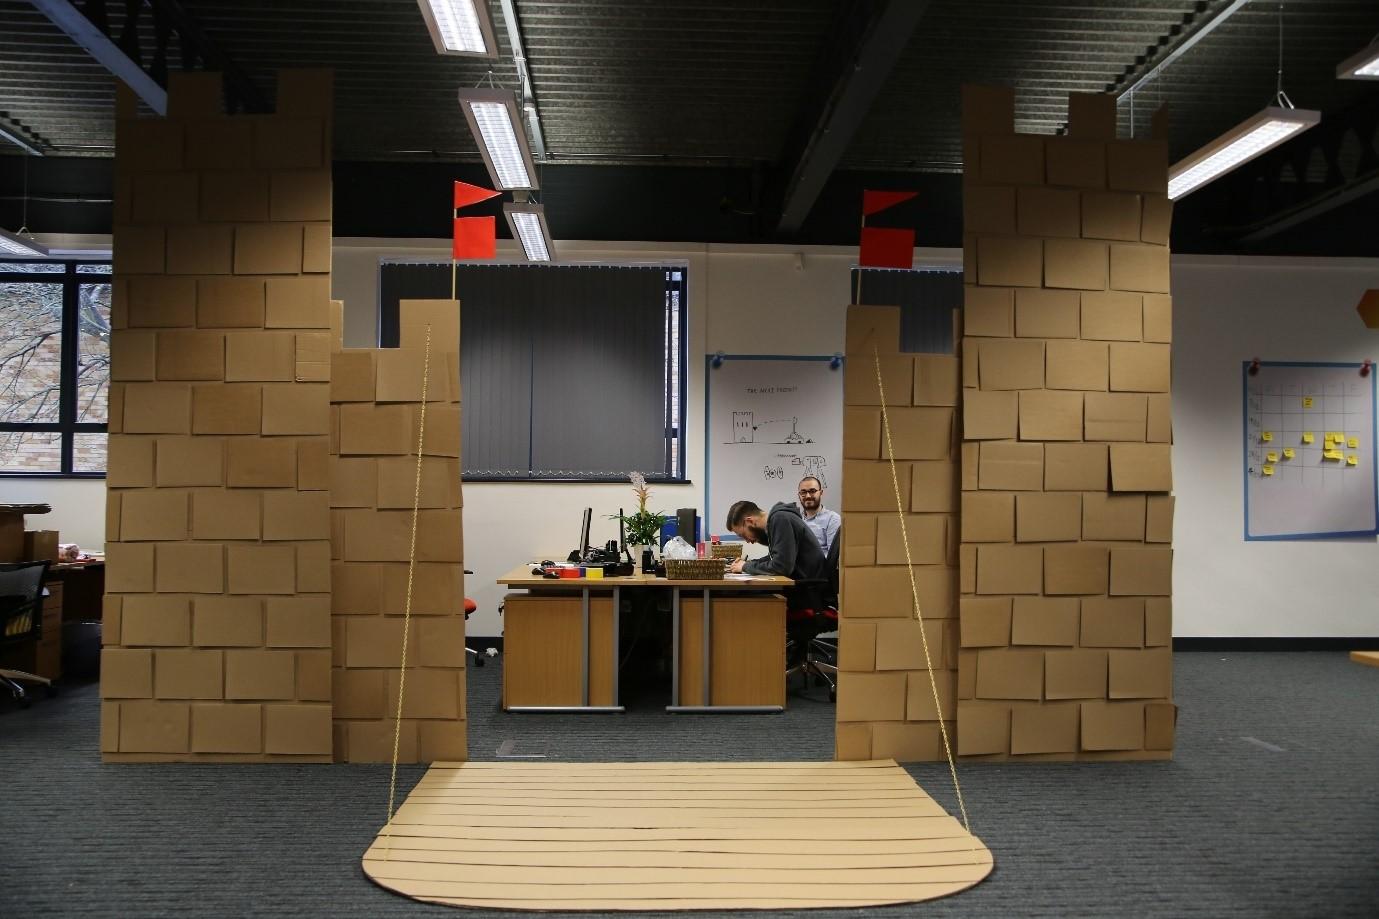 Un gigantesco castello di cartone in ufficio per proteggervi dai colleghi!